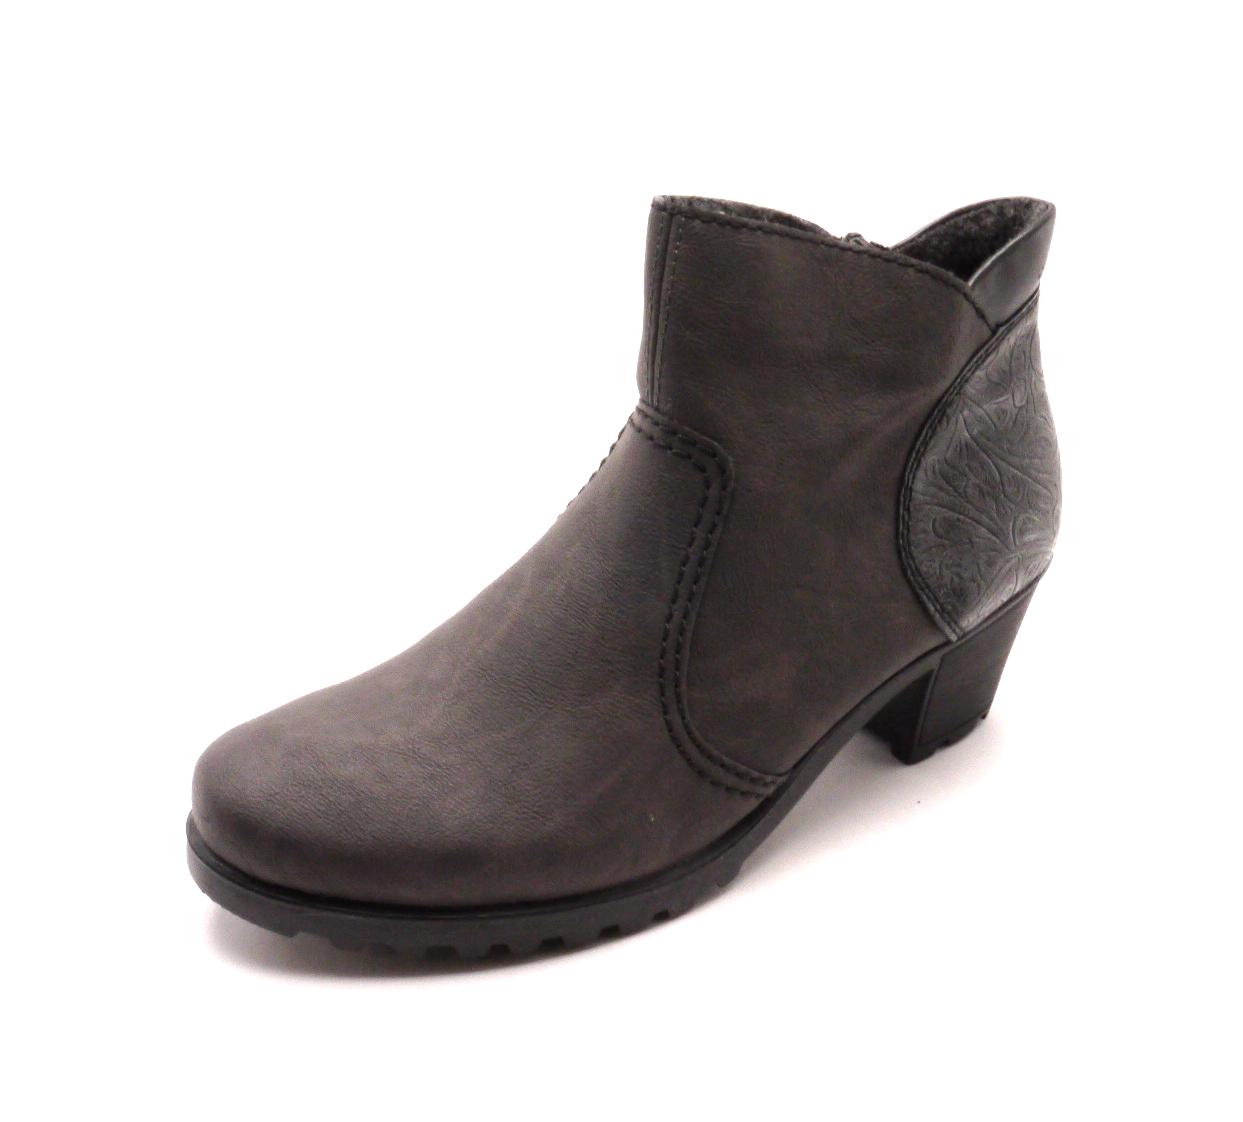 Rieker Dámské kotníkové boty s ozdobnou patou Y8060-46 Velikost  36 87302b93ef